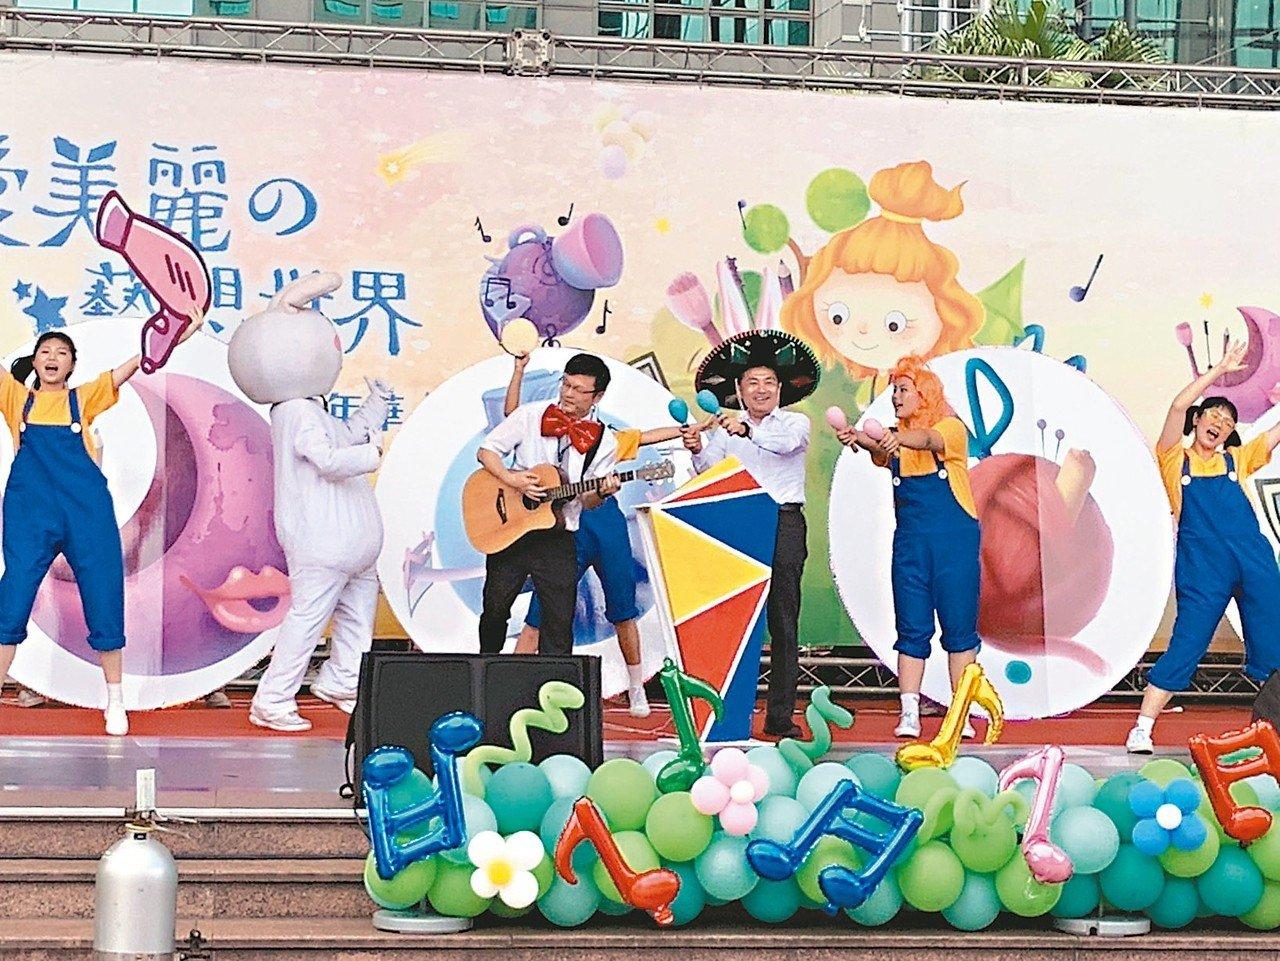 夏天到了! 台南市水多多樂園 周三比基尼日有優惠